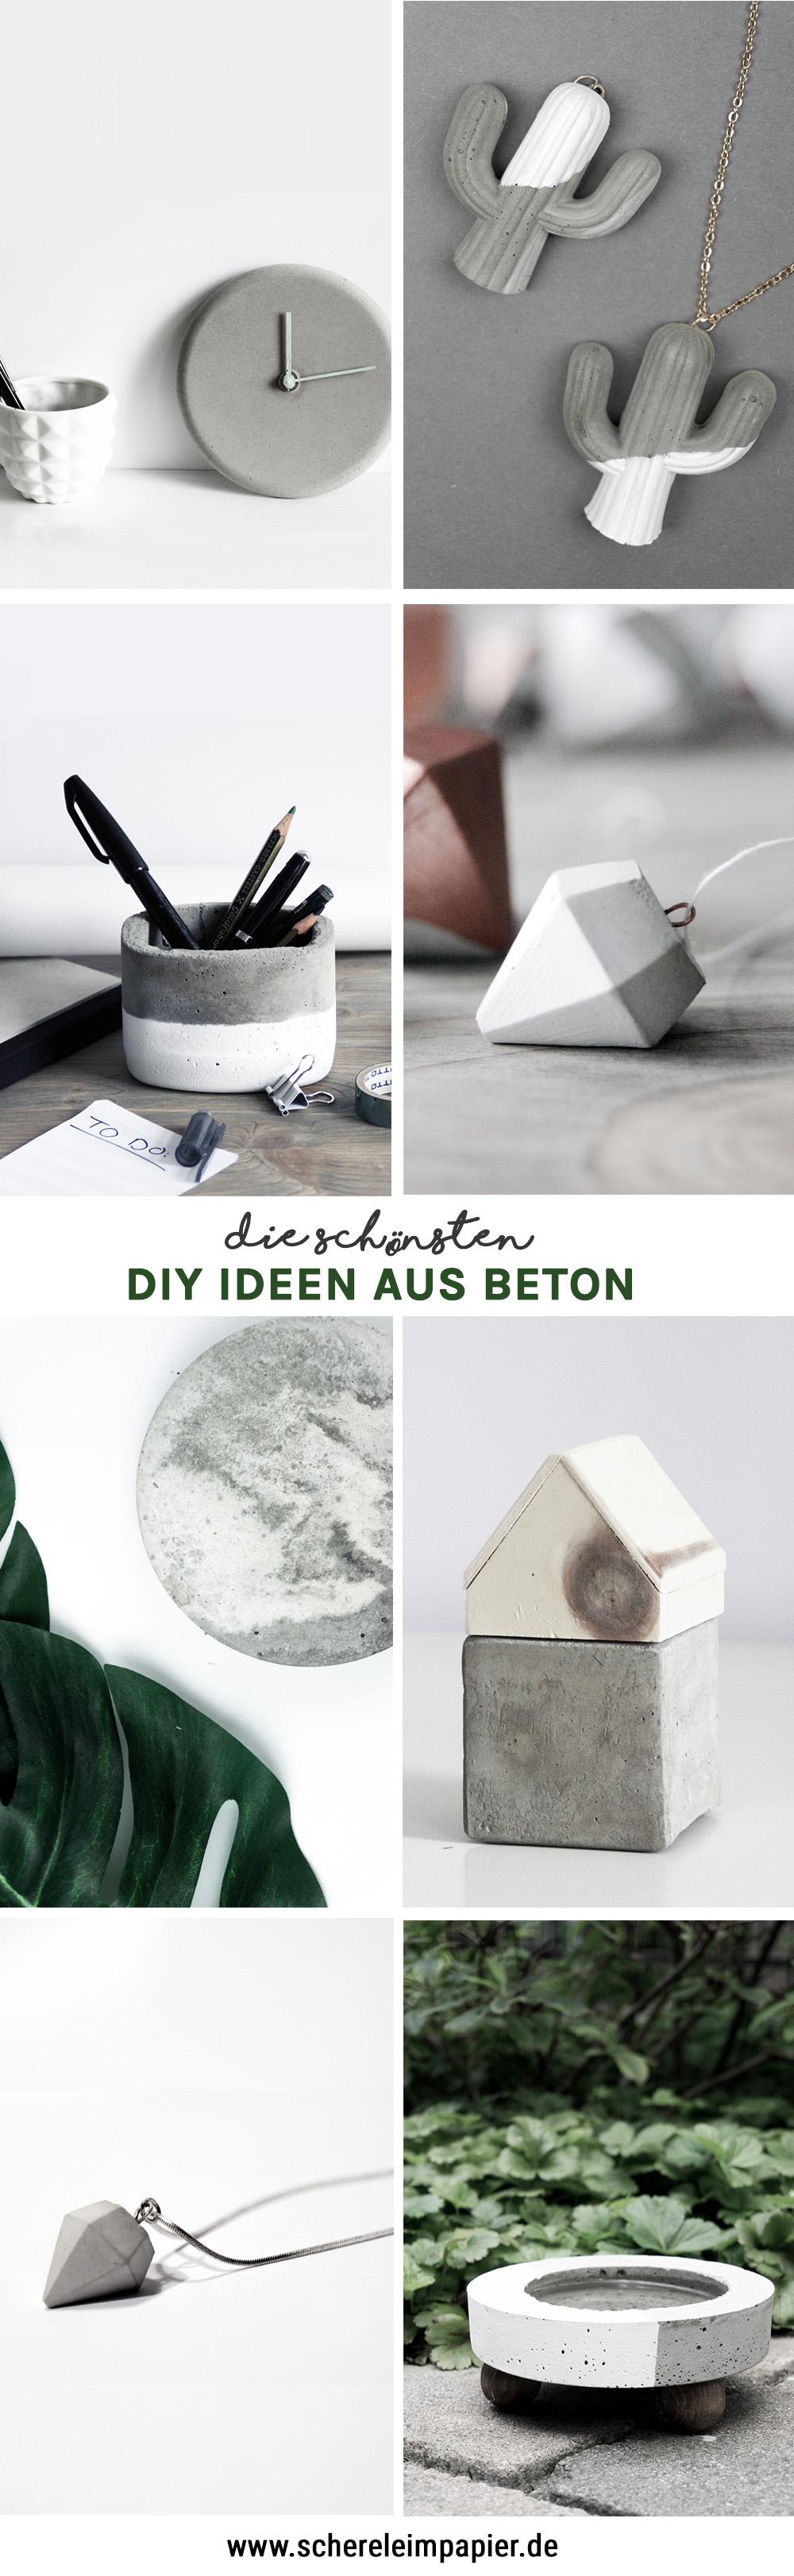 diy ideen aus beton- schereleimpapier DIY und Upcycling Blog aus Berlin - kreative Tutorials für Geschenke, Möbel und Deko zum Basteln -